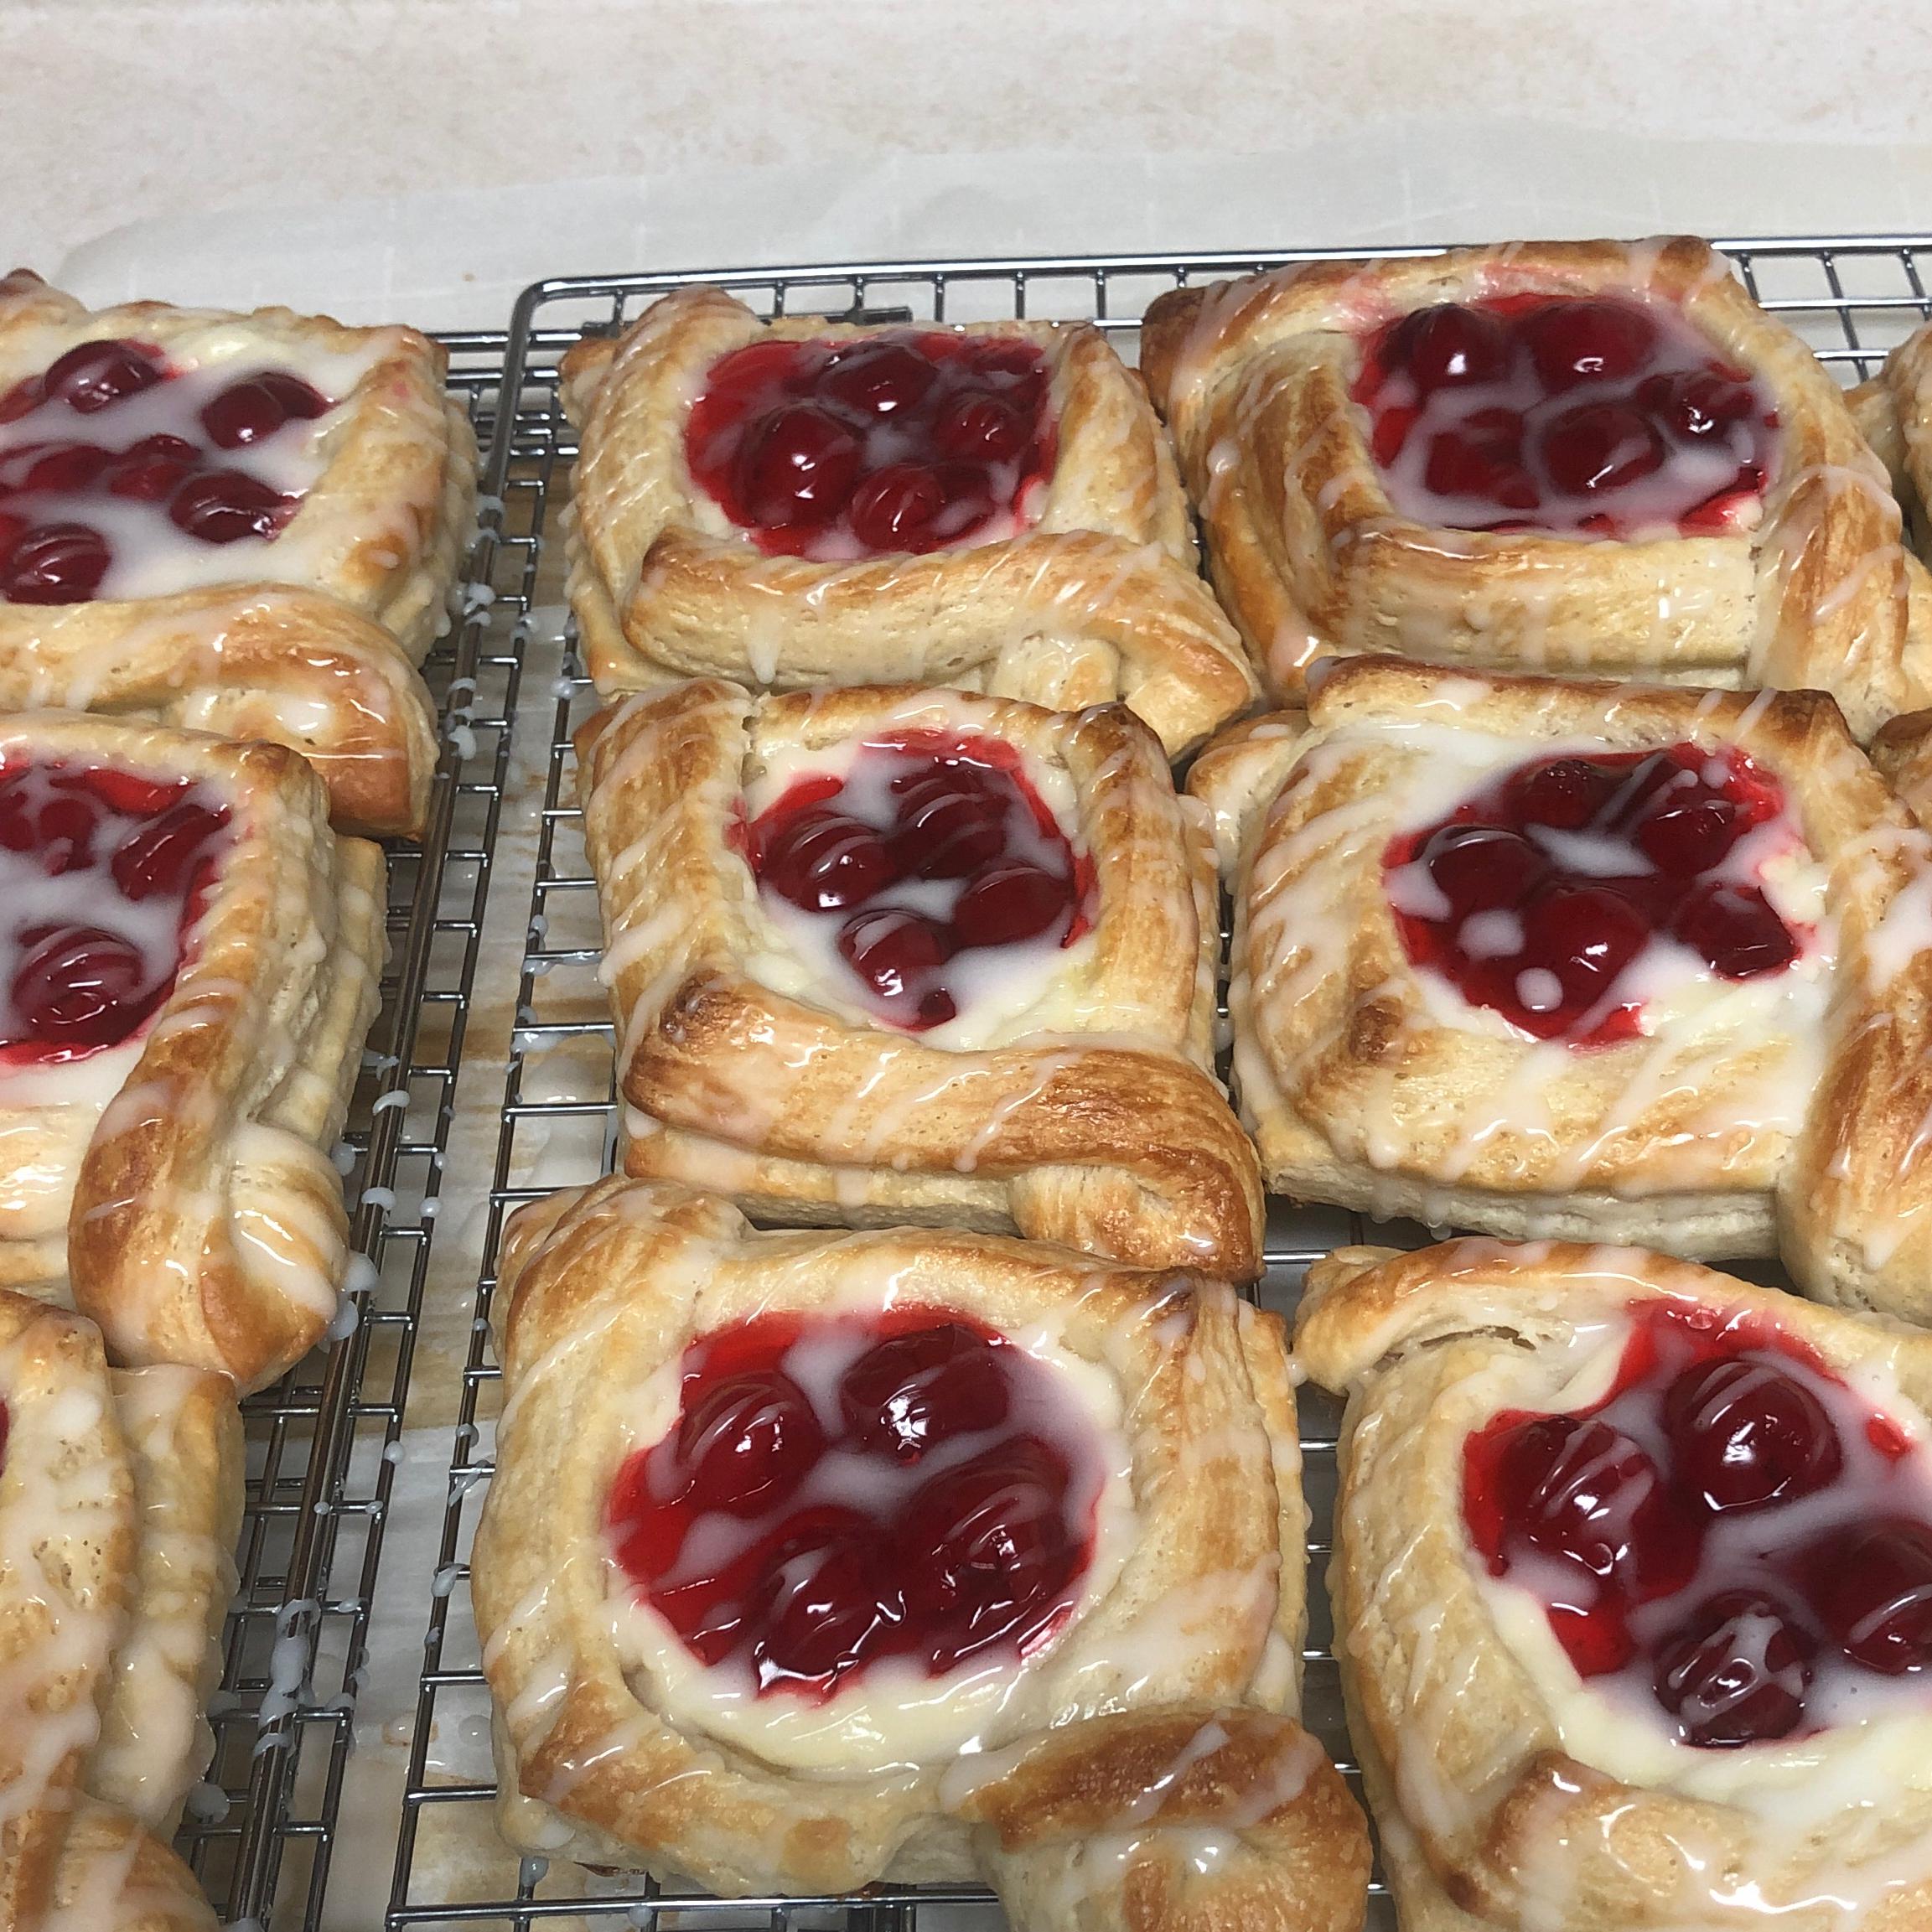 Danish Pastry image